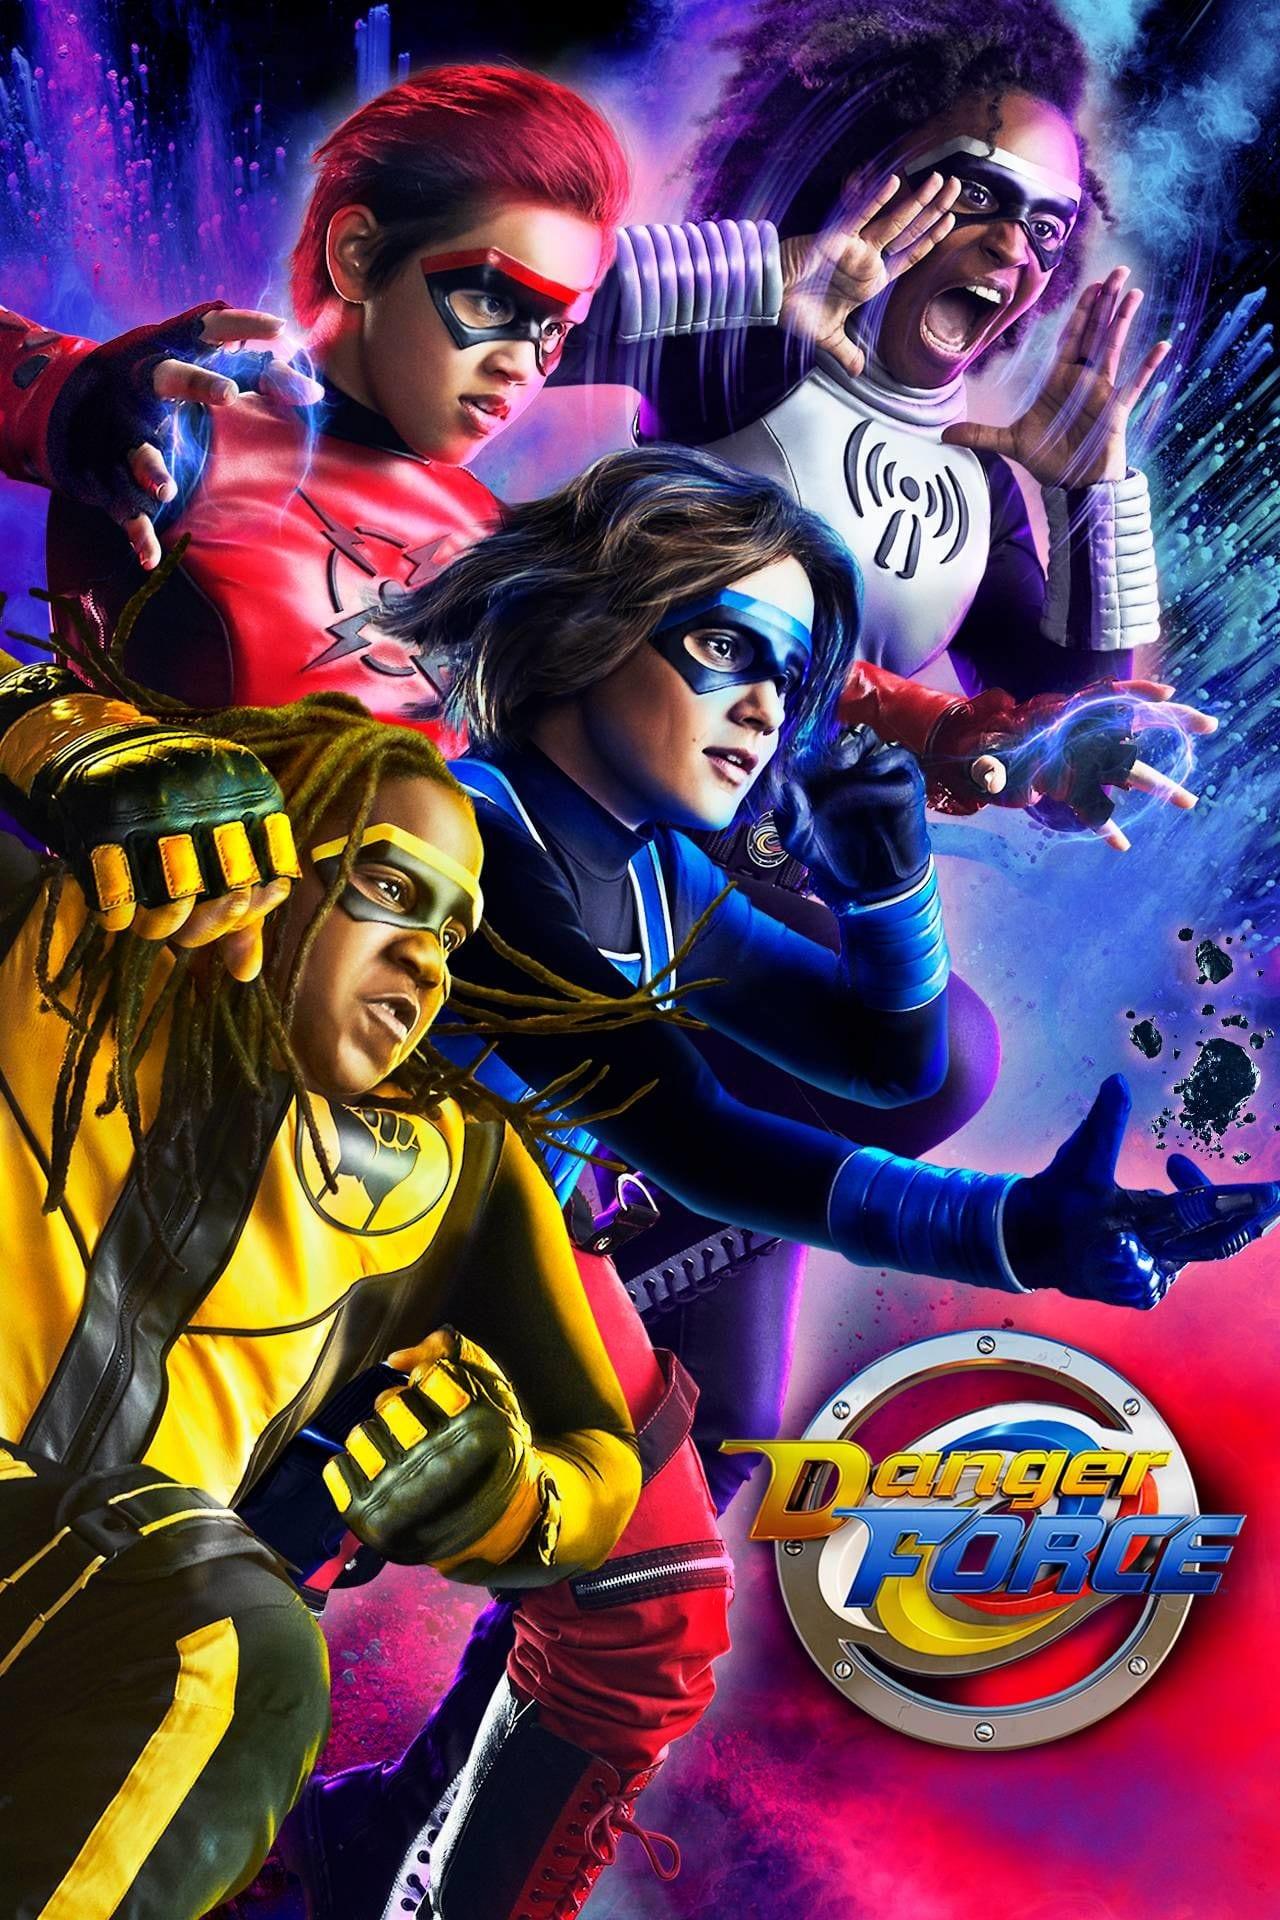 Danger Force teaser image